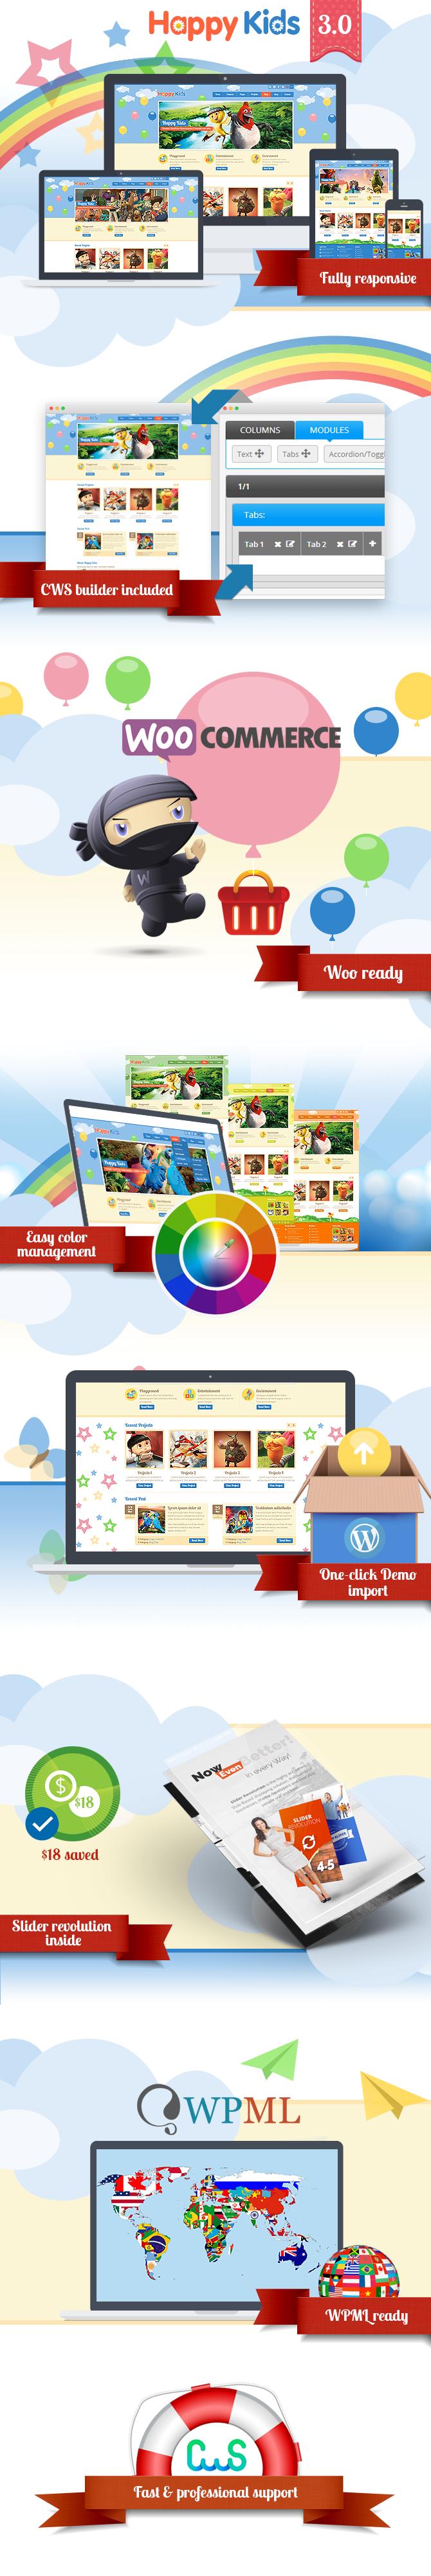 HappyKids-Children-WordPress-Theme